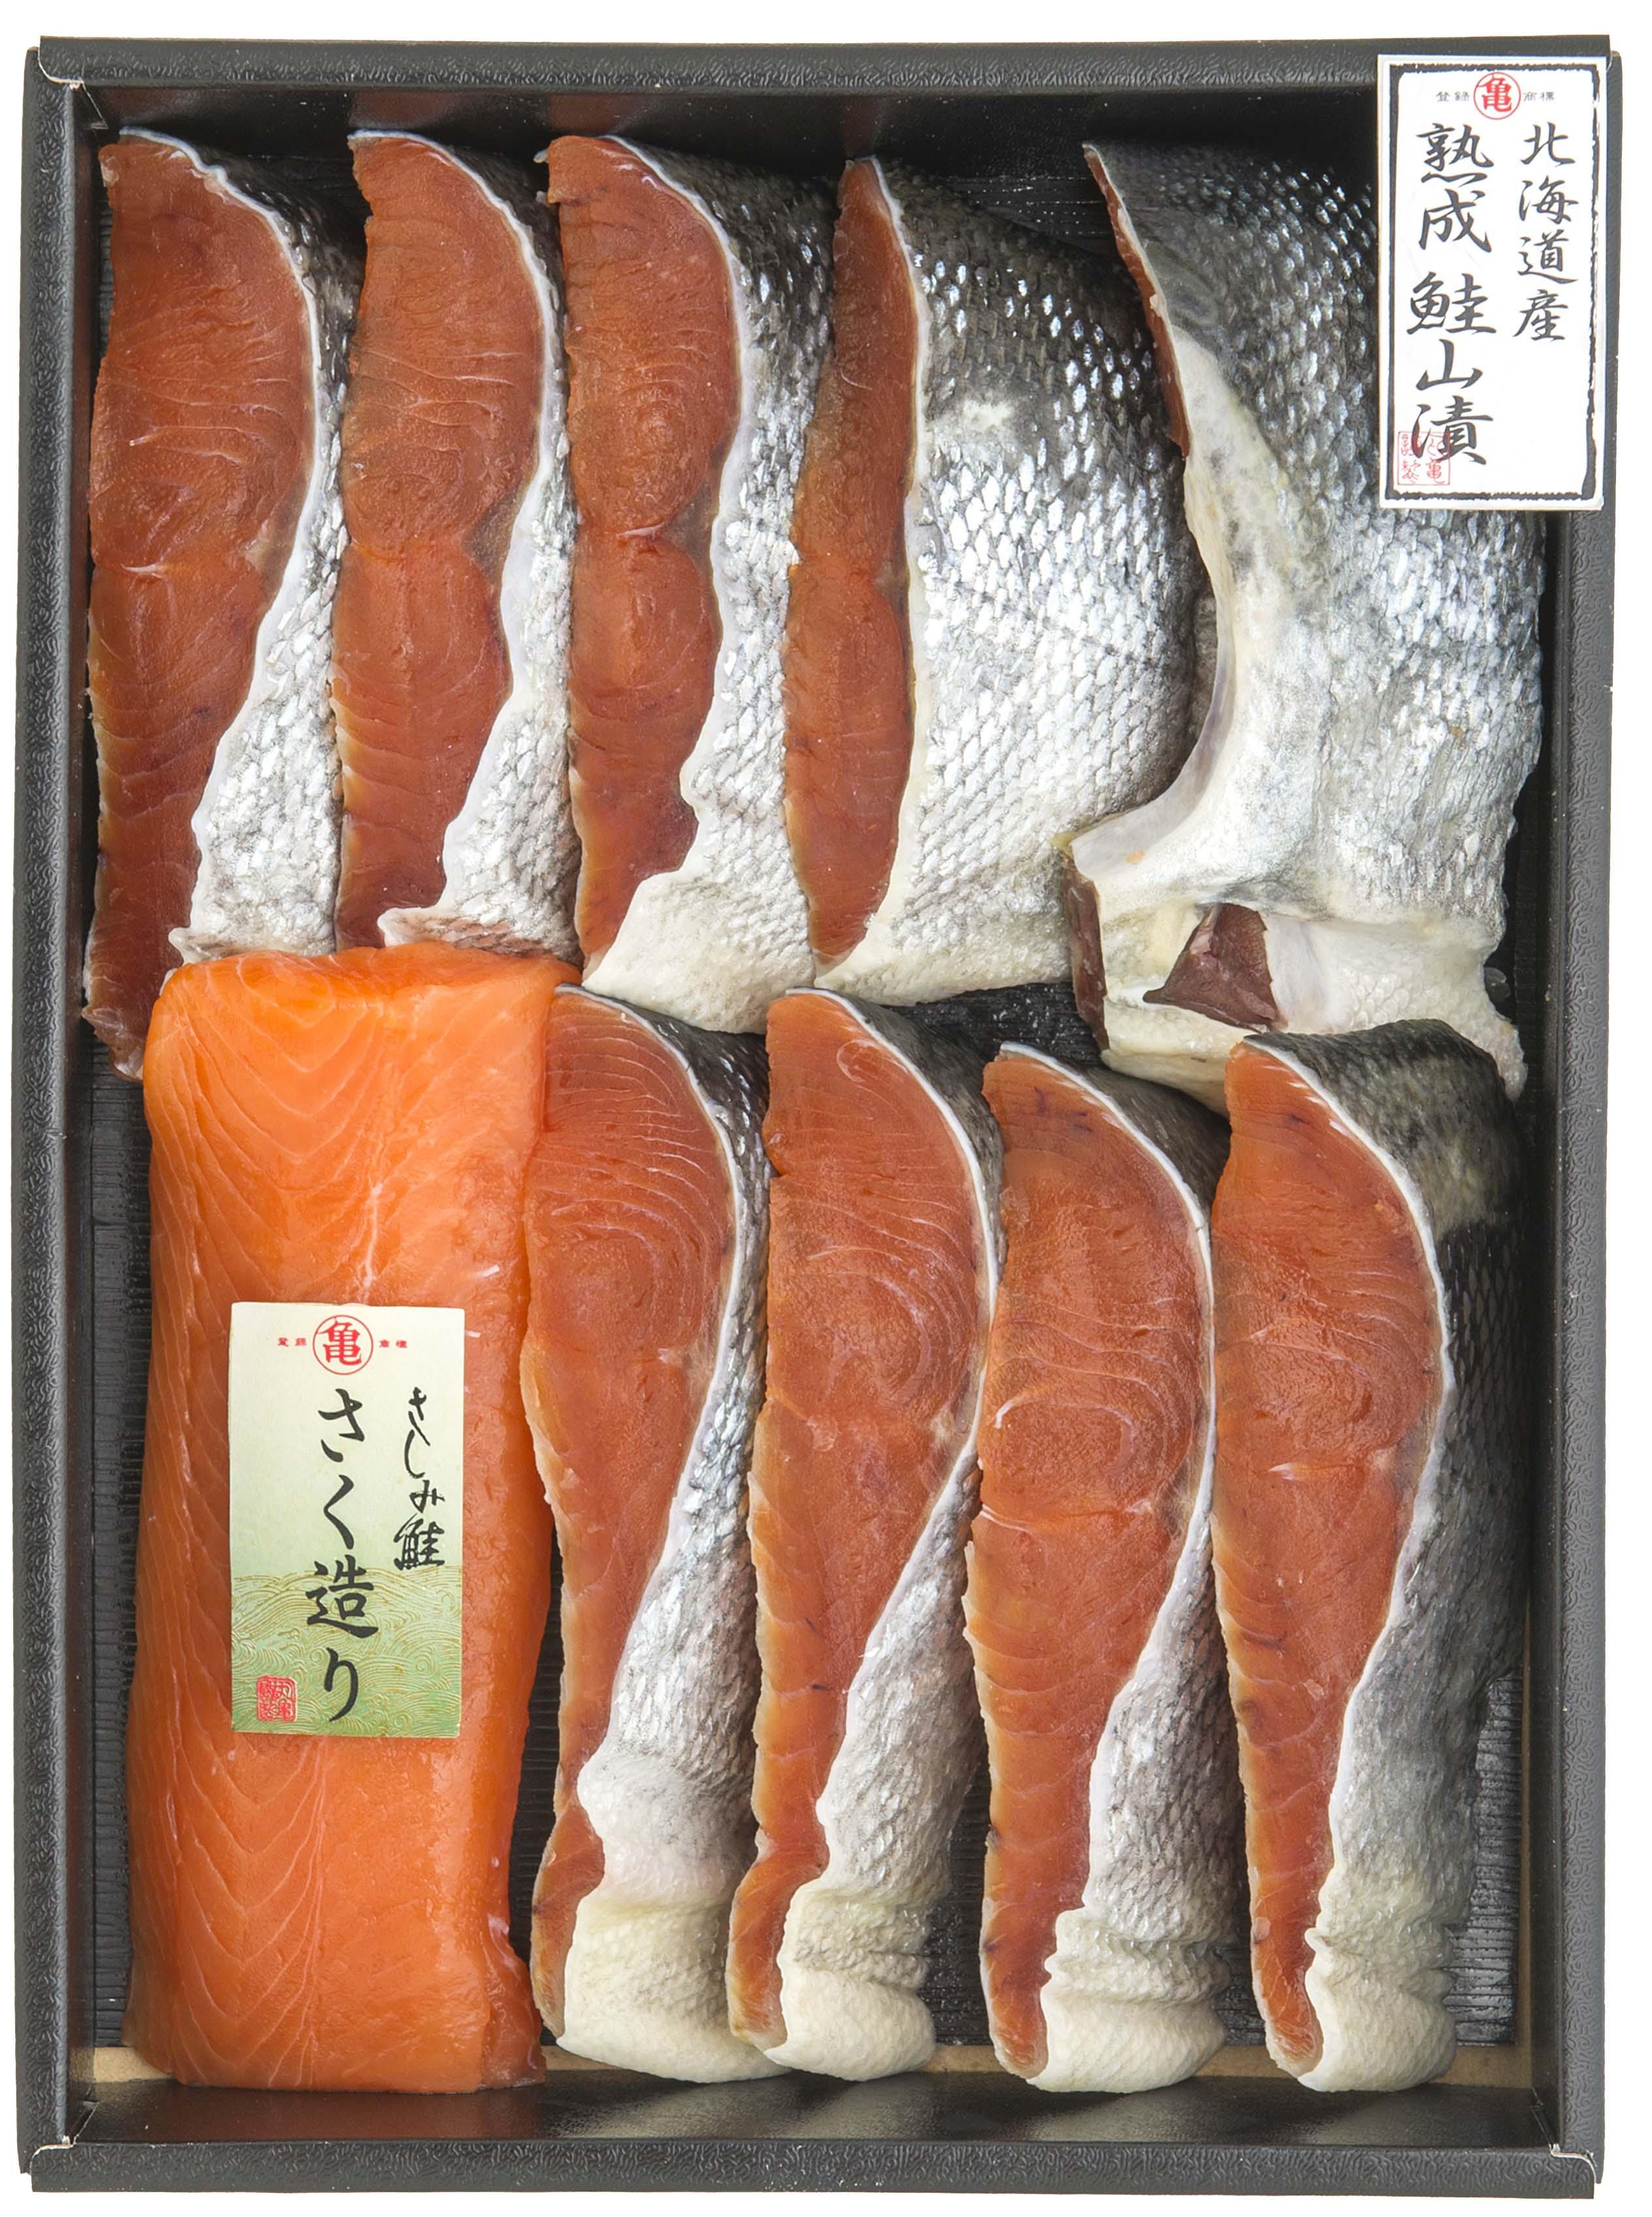 さしみ鮭と熟成中辛山漬詰合せ AYH90